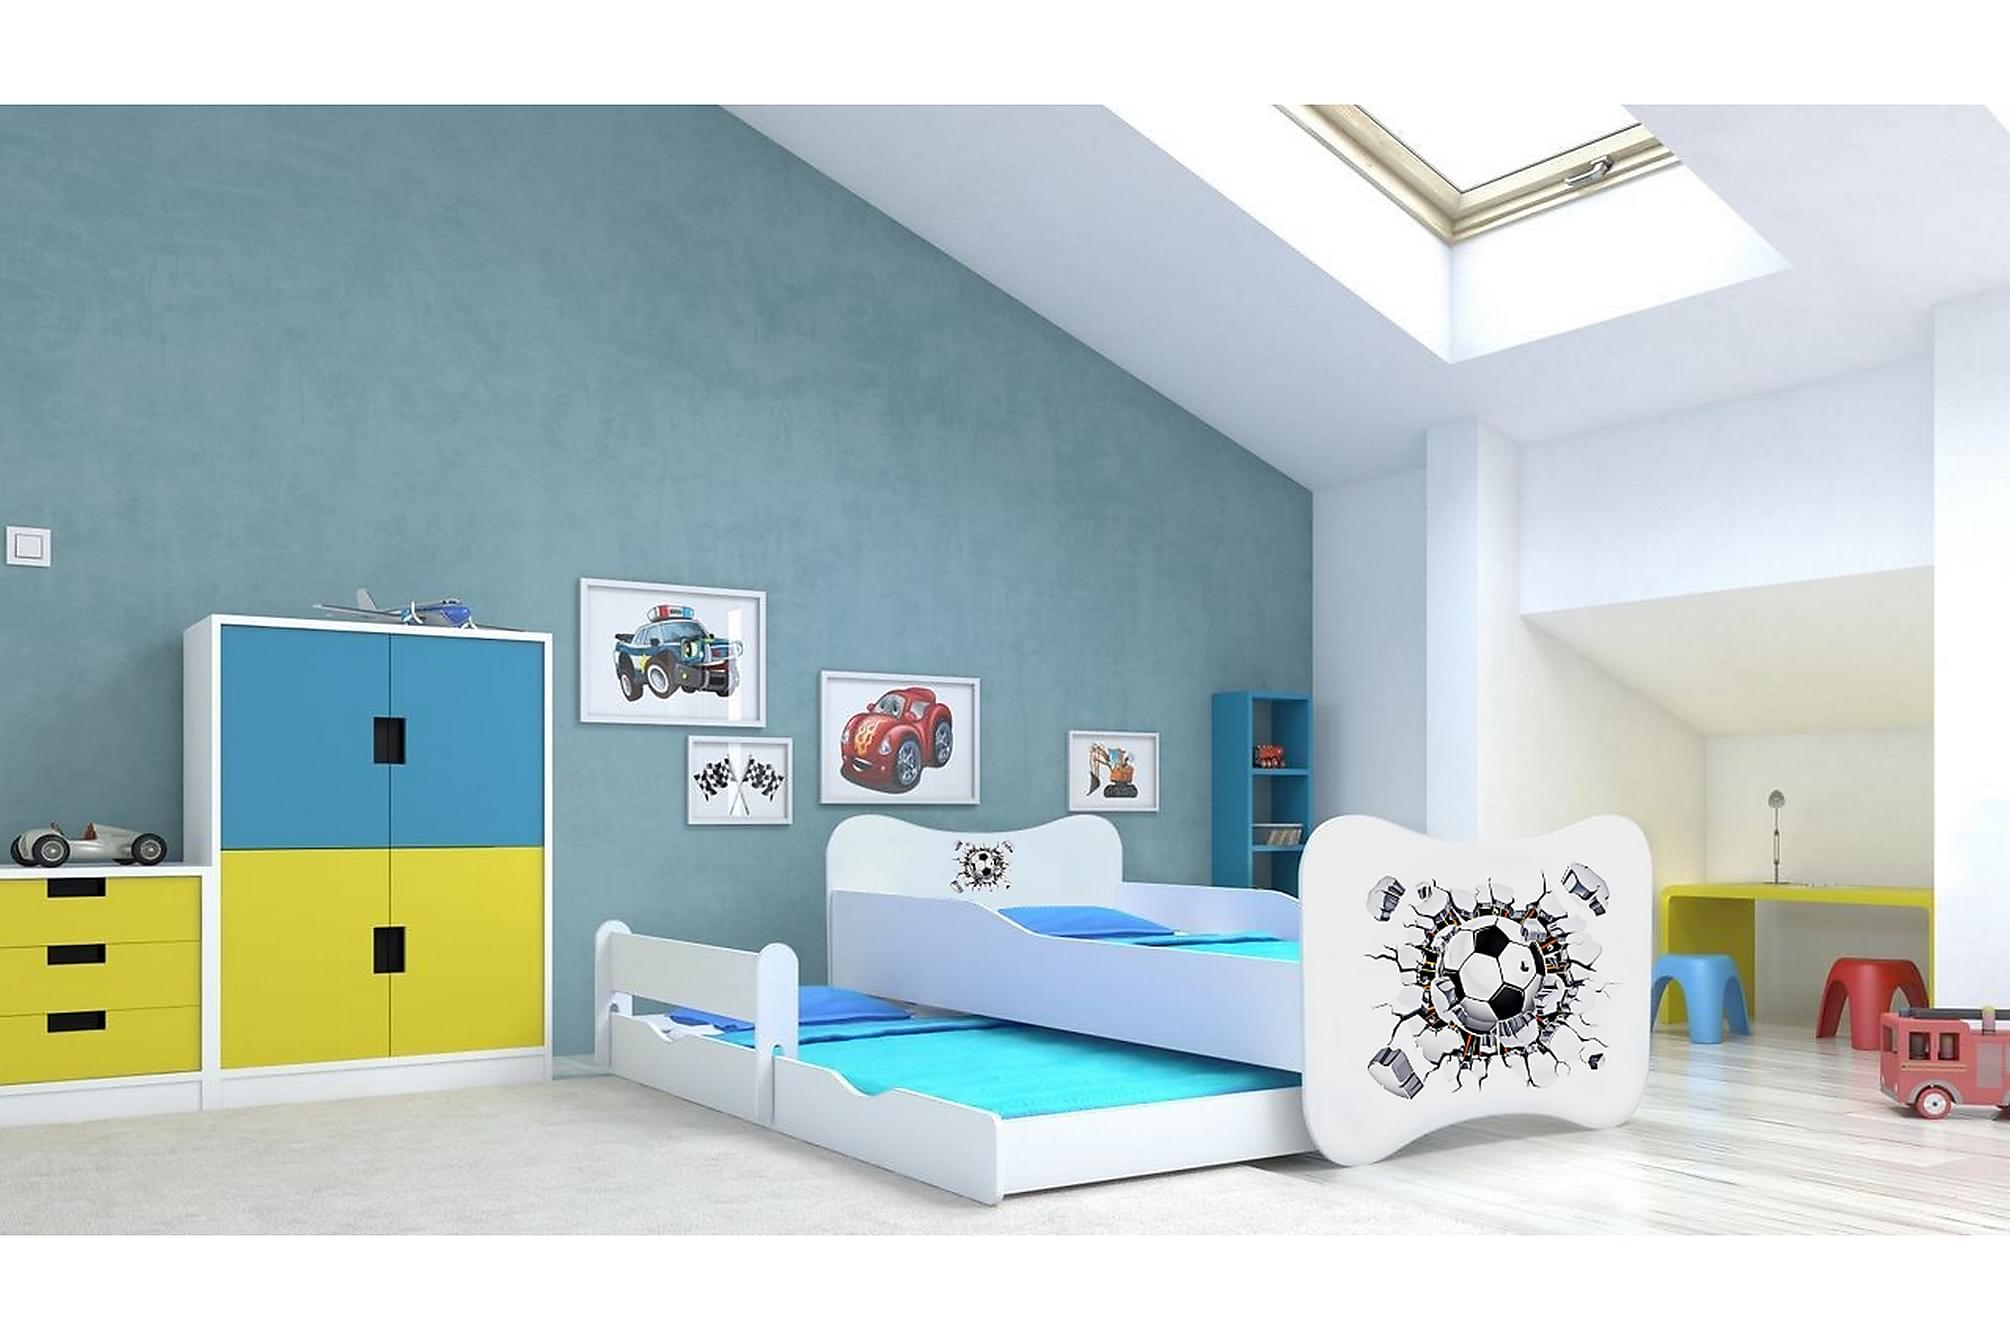 ALETHA Barnsäng Batman 80x160 LED Blå, Barnsängar & juniorsängar